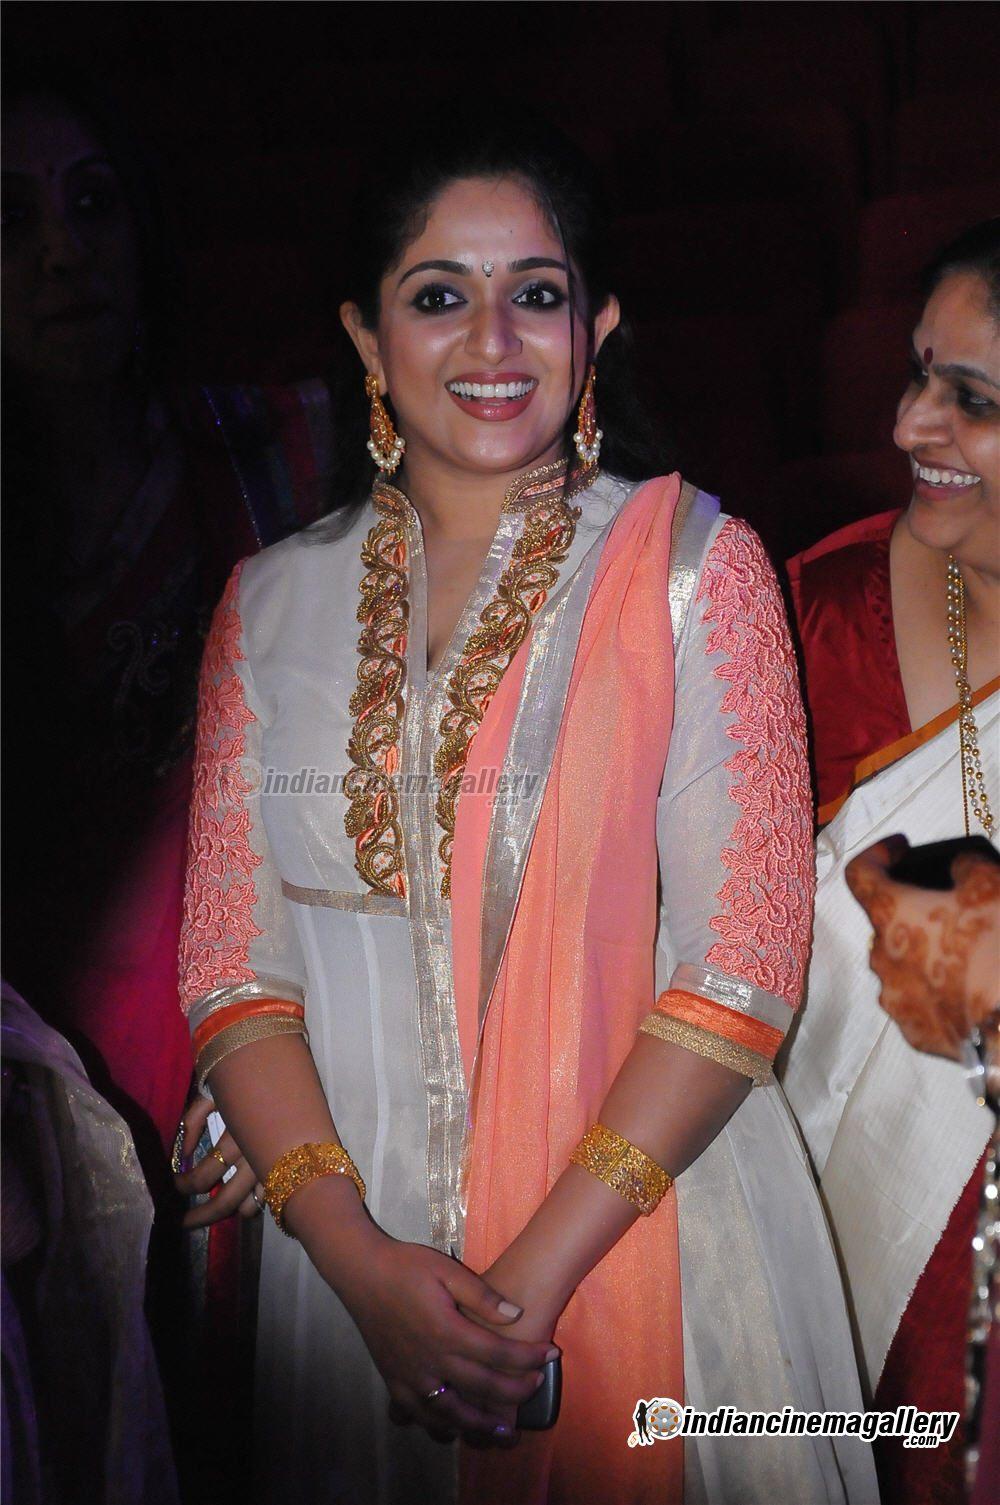 Film Actrez South Indian Film Actress Photos Kavya Madhavan At